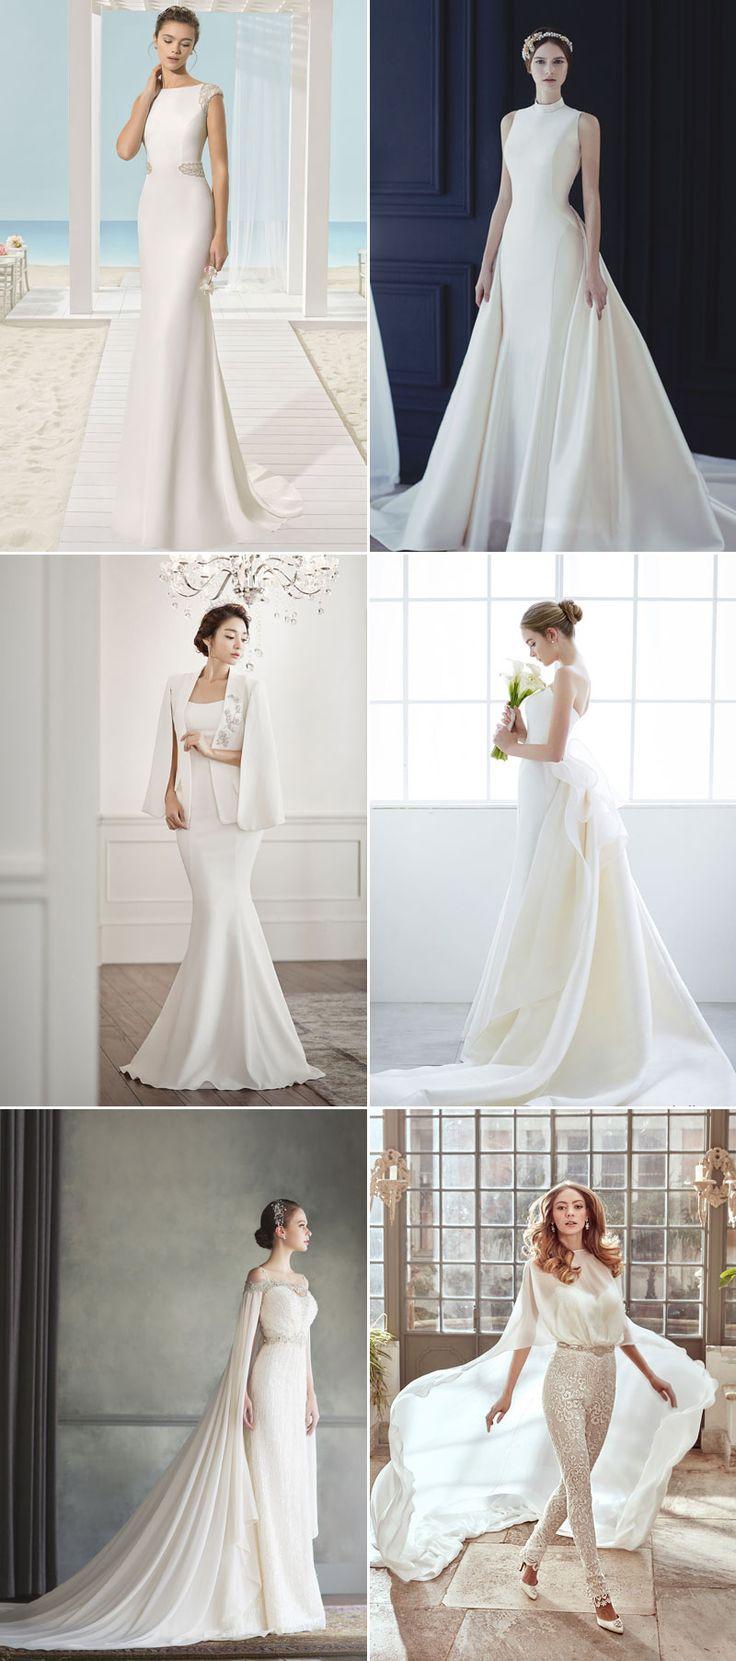 721 best Wedding dress images on Pinterest   Wedding frocks, Vintage ...